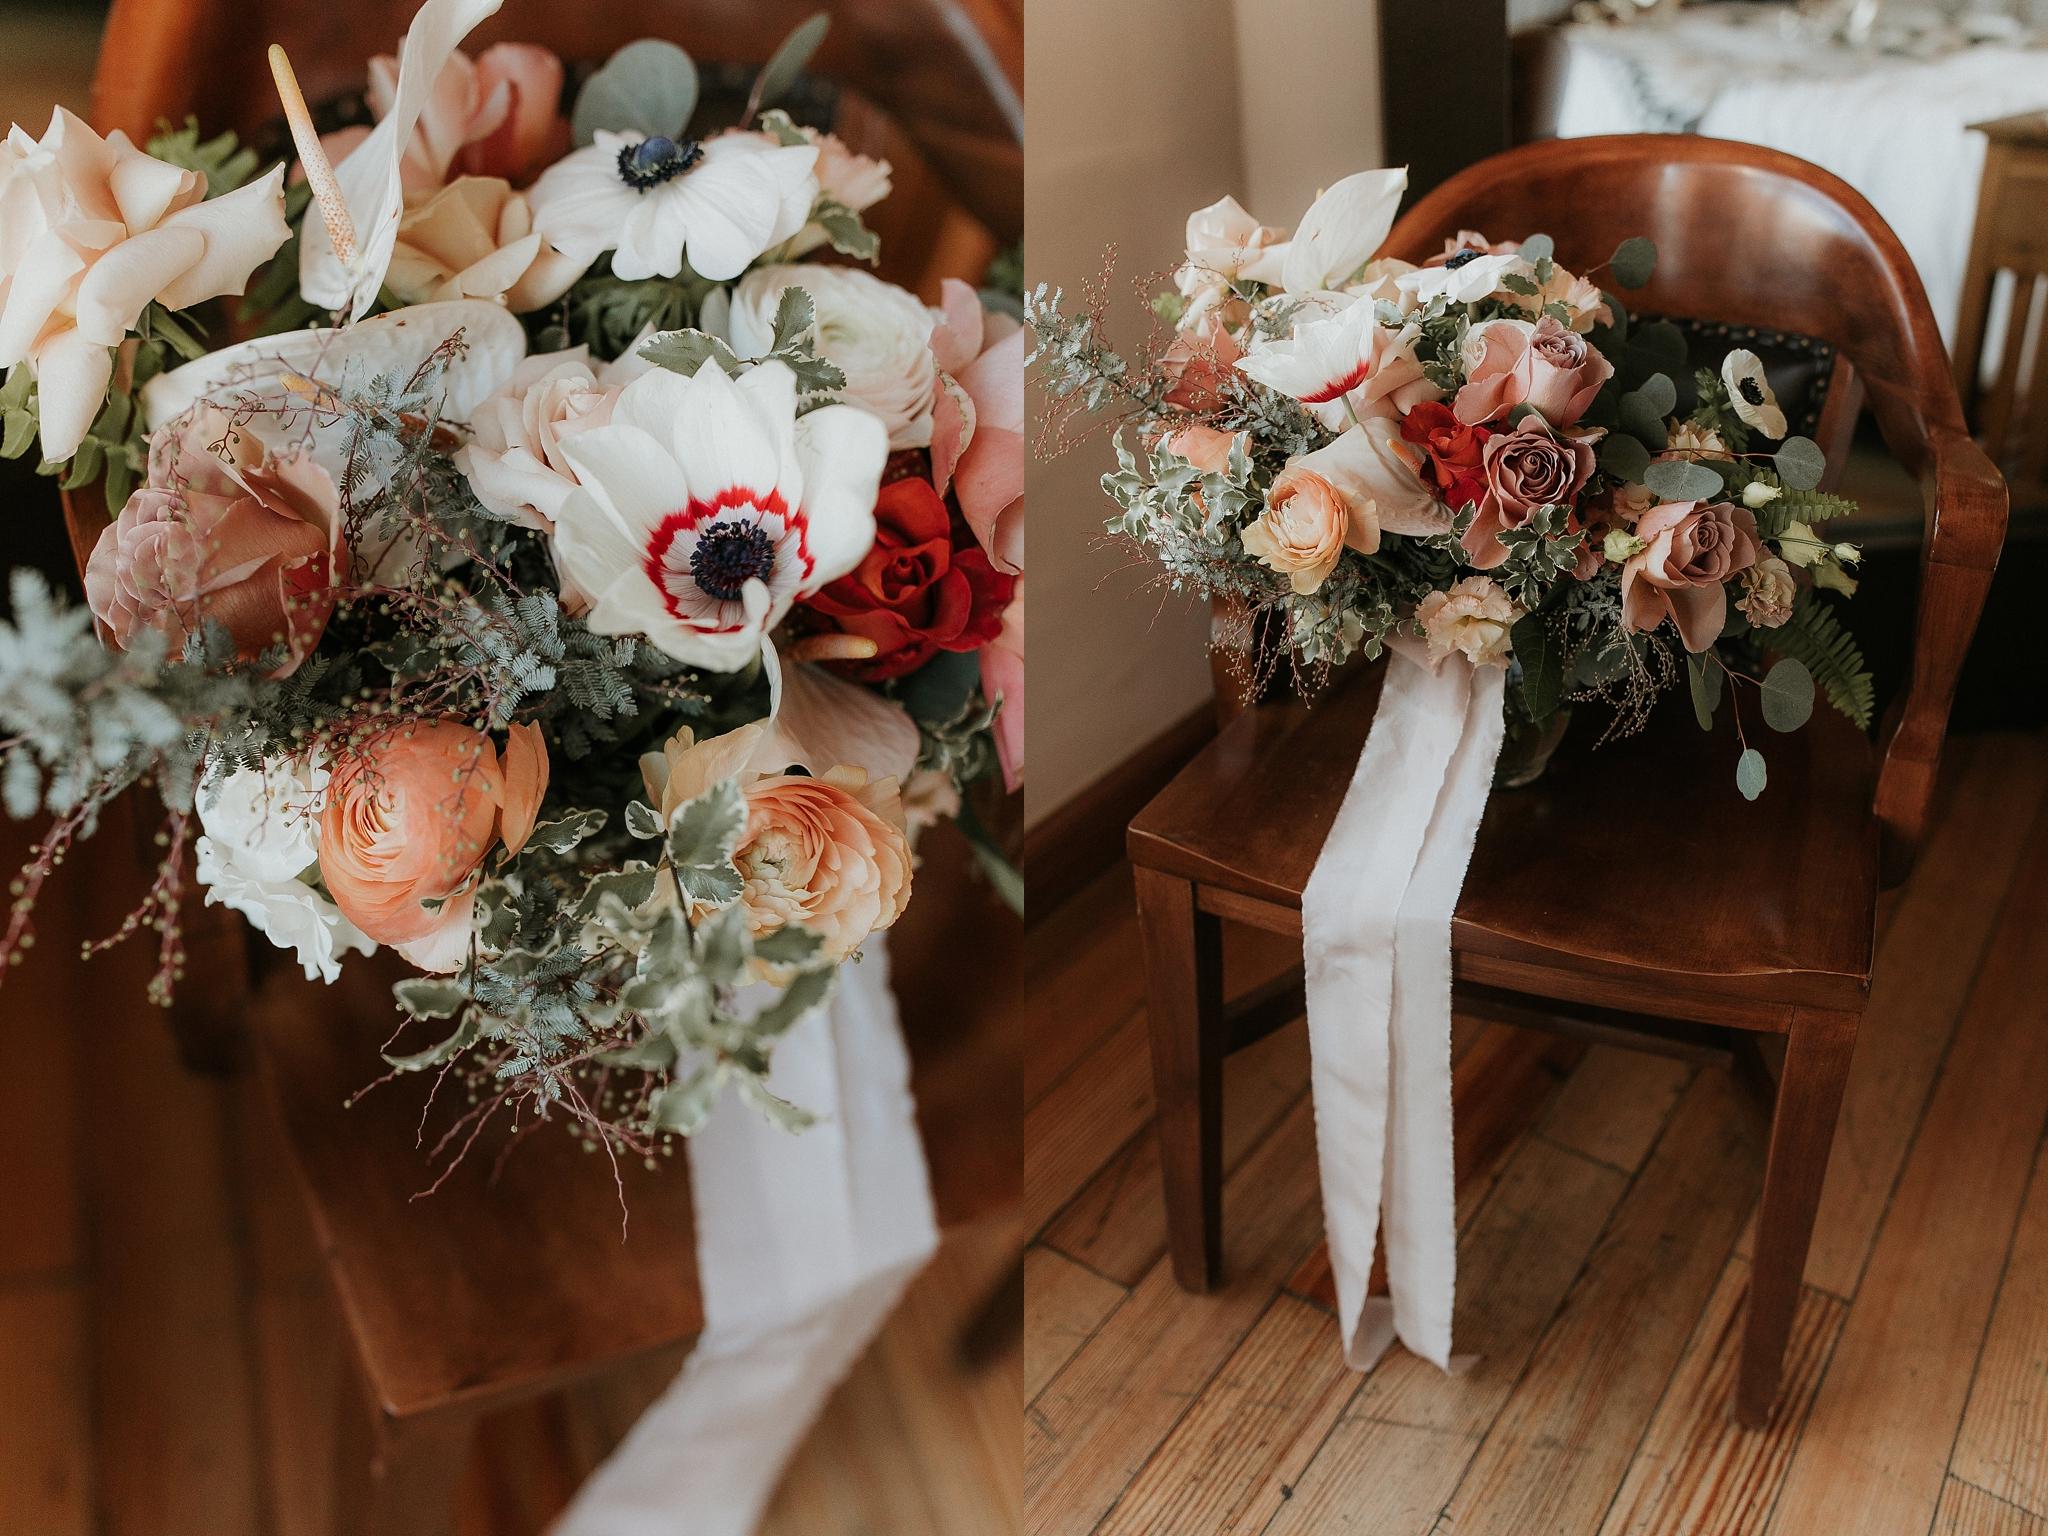 Alicia+lucia+photography+-+albuquerque+wedding+photographer+-+santa+fe+wedding+photography+-+new+mexico+wedding+photographer+-+new+mexico+florist+-+wedding+florist+-+renegade+floral_0056.jpg